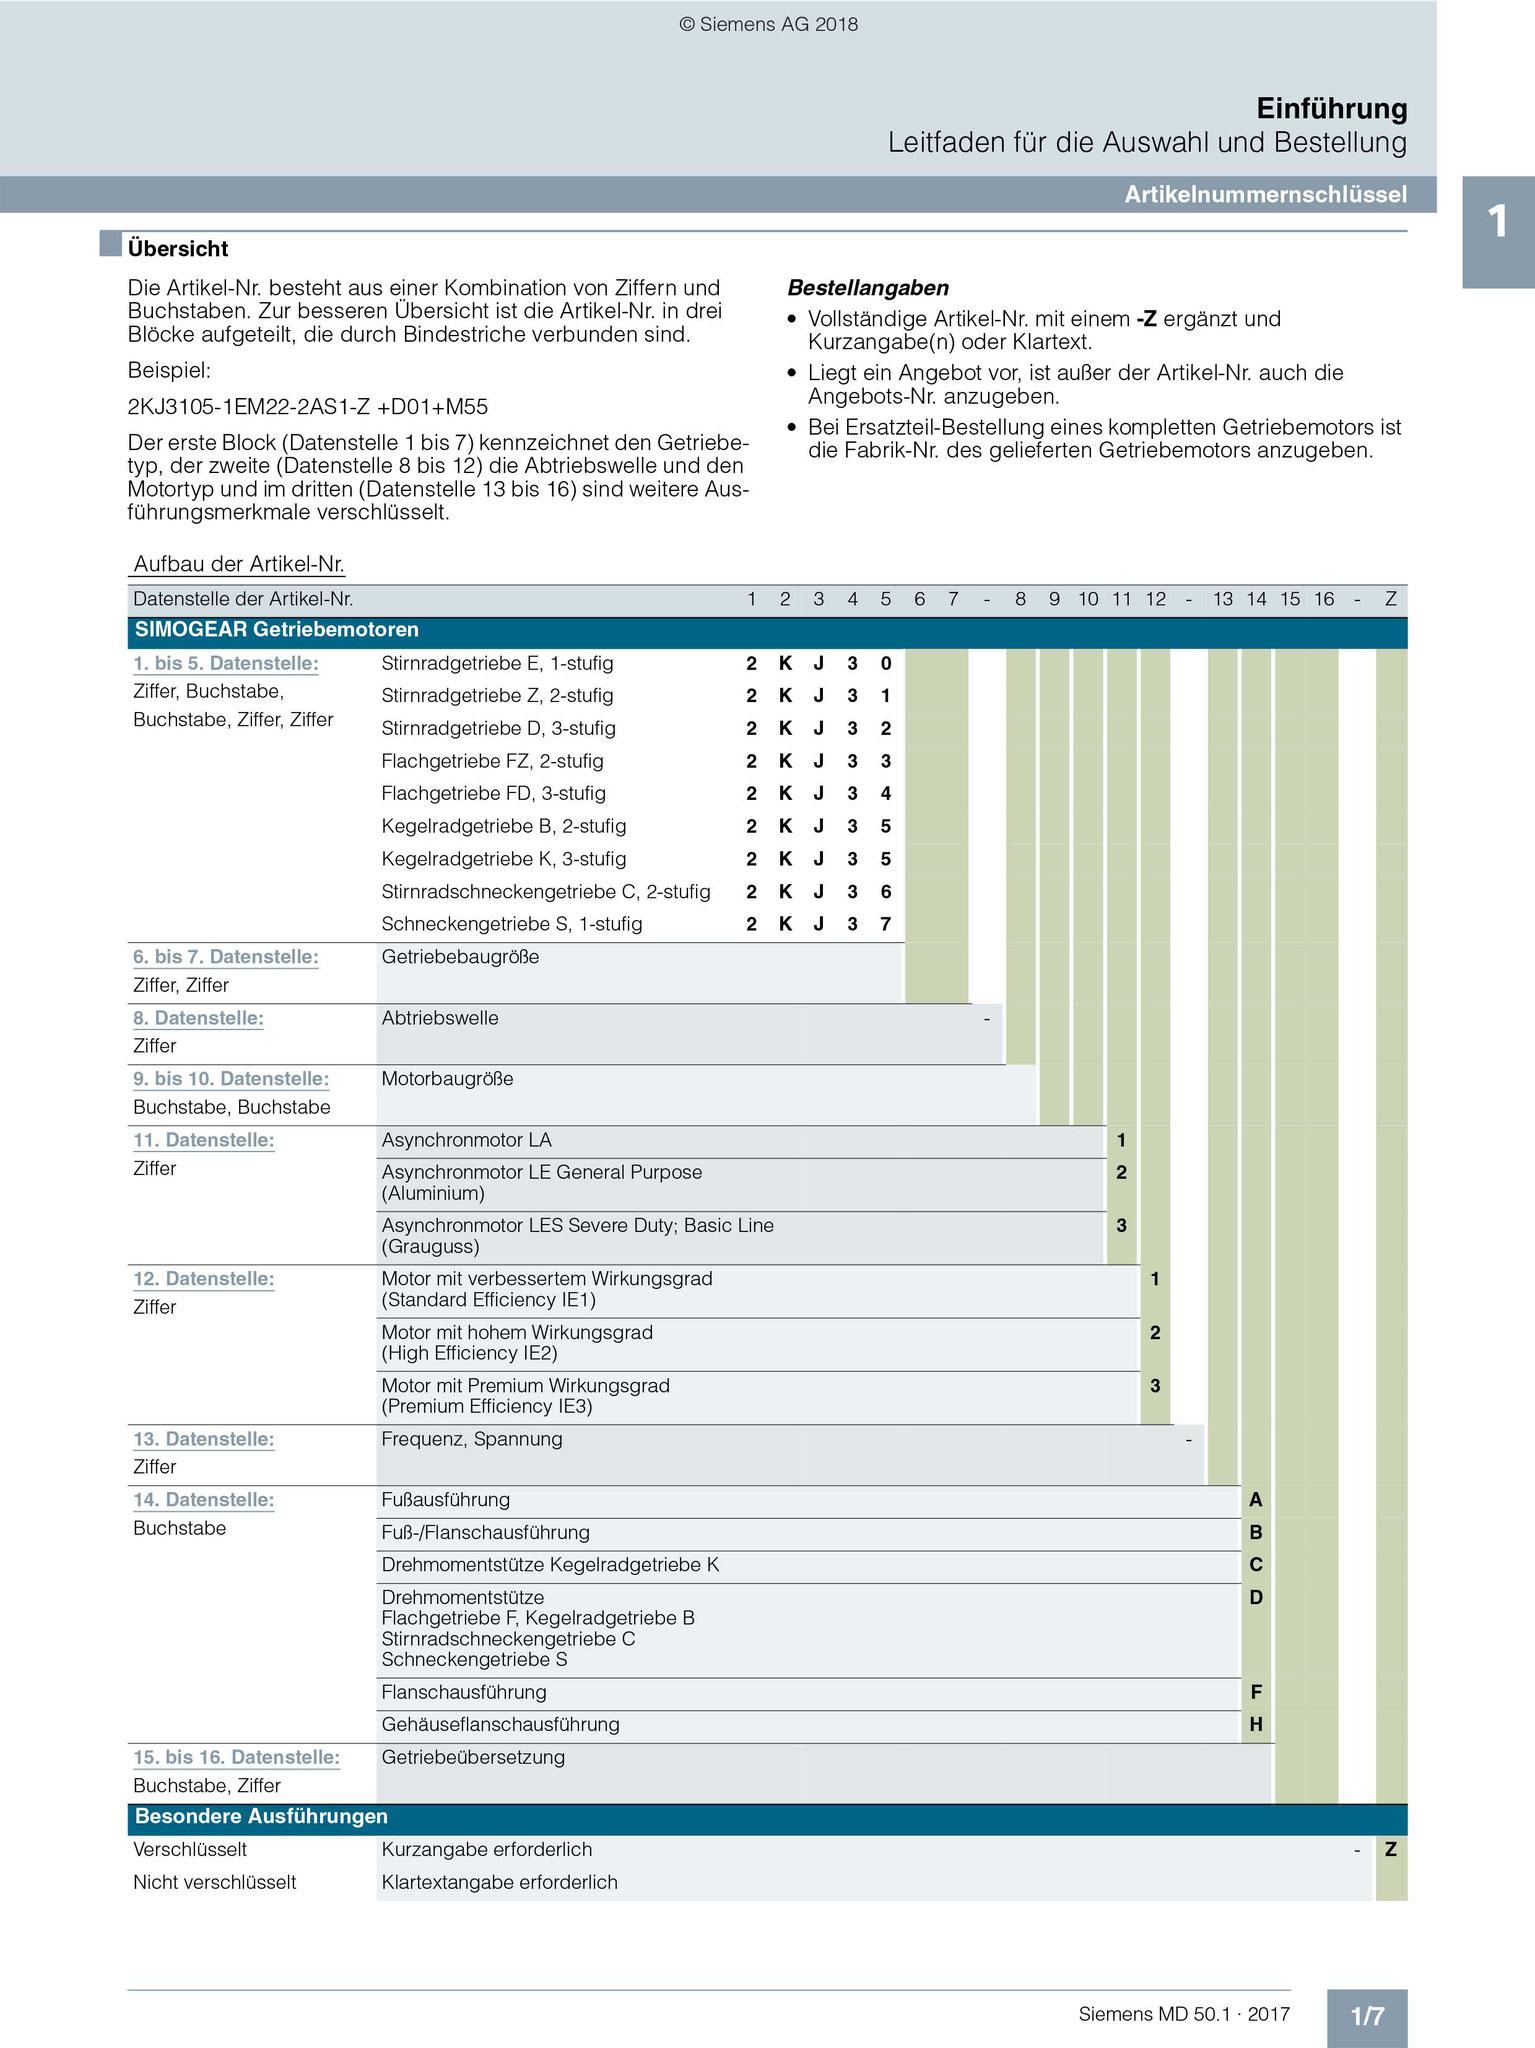 Siemens Katalog (MD 50.1): Artikelnummernschlüssel Übersicht © Siemens AG 2020, Alle Rechte vorbehalten